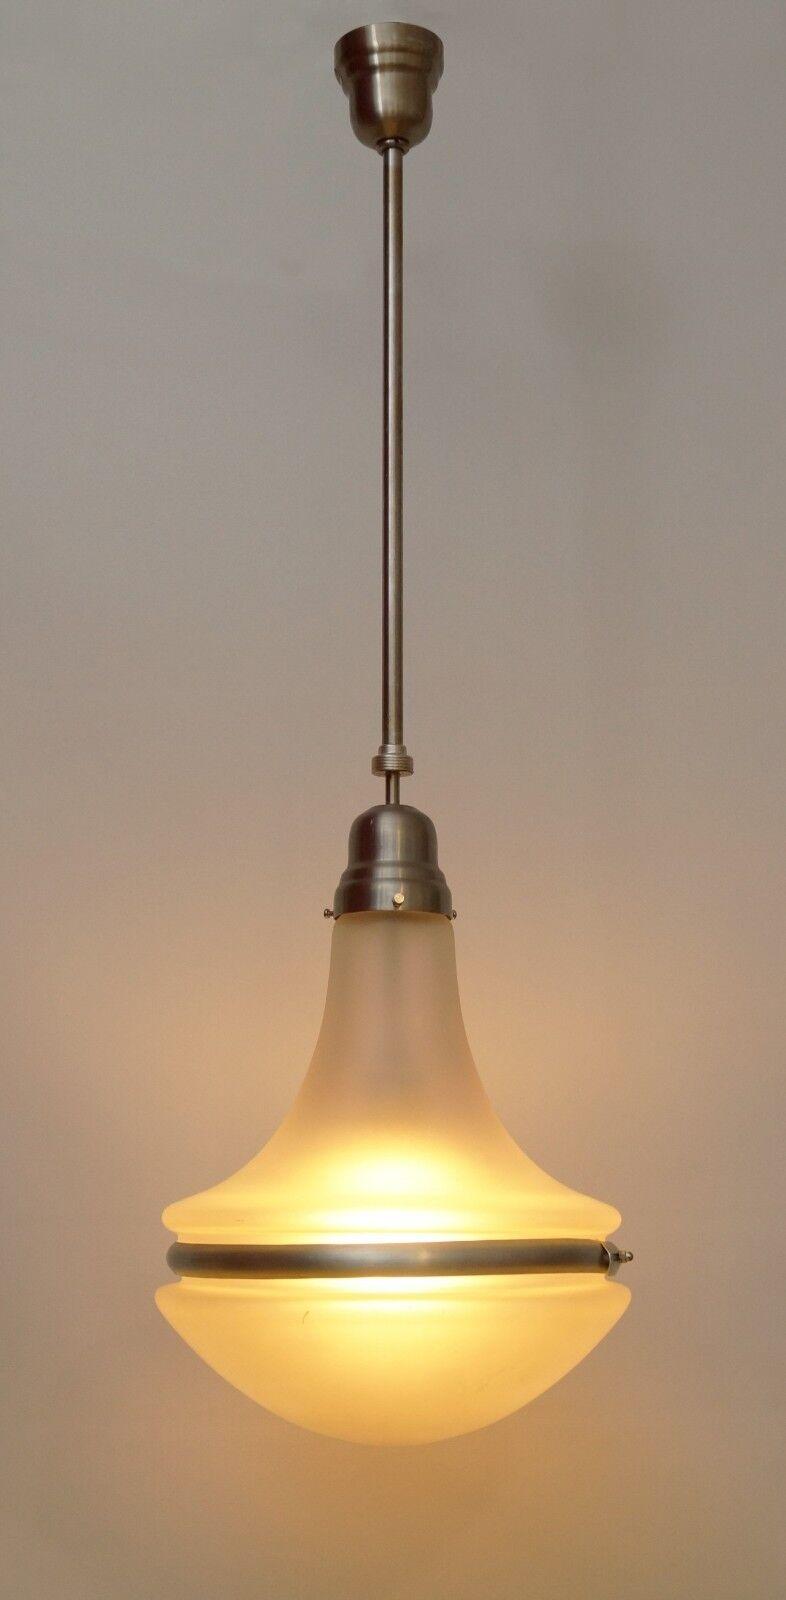 Details about unique art deco ceiling light hanging lamp siemens luzette stainless steel